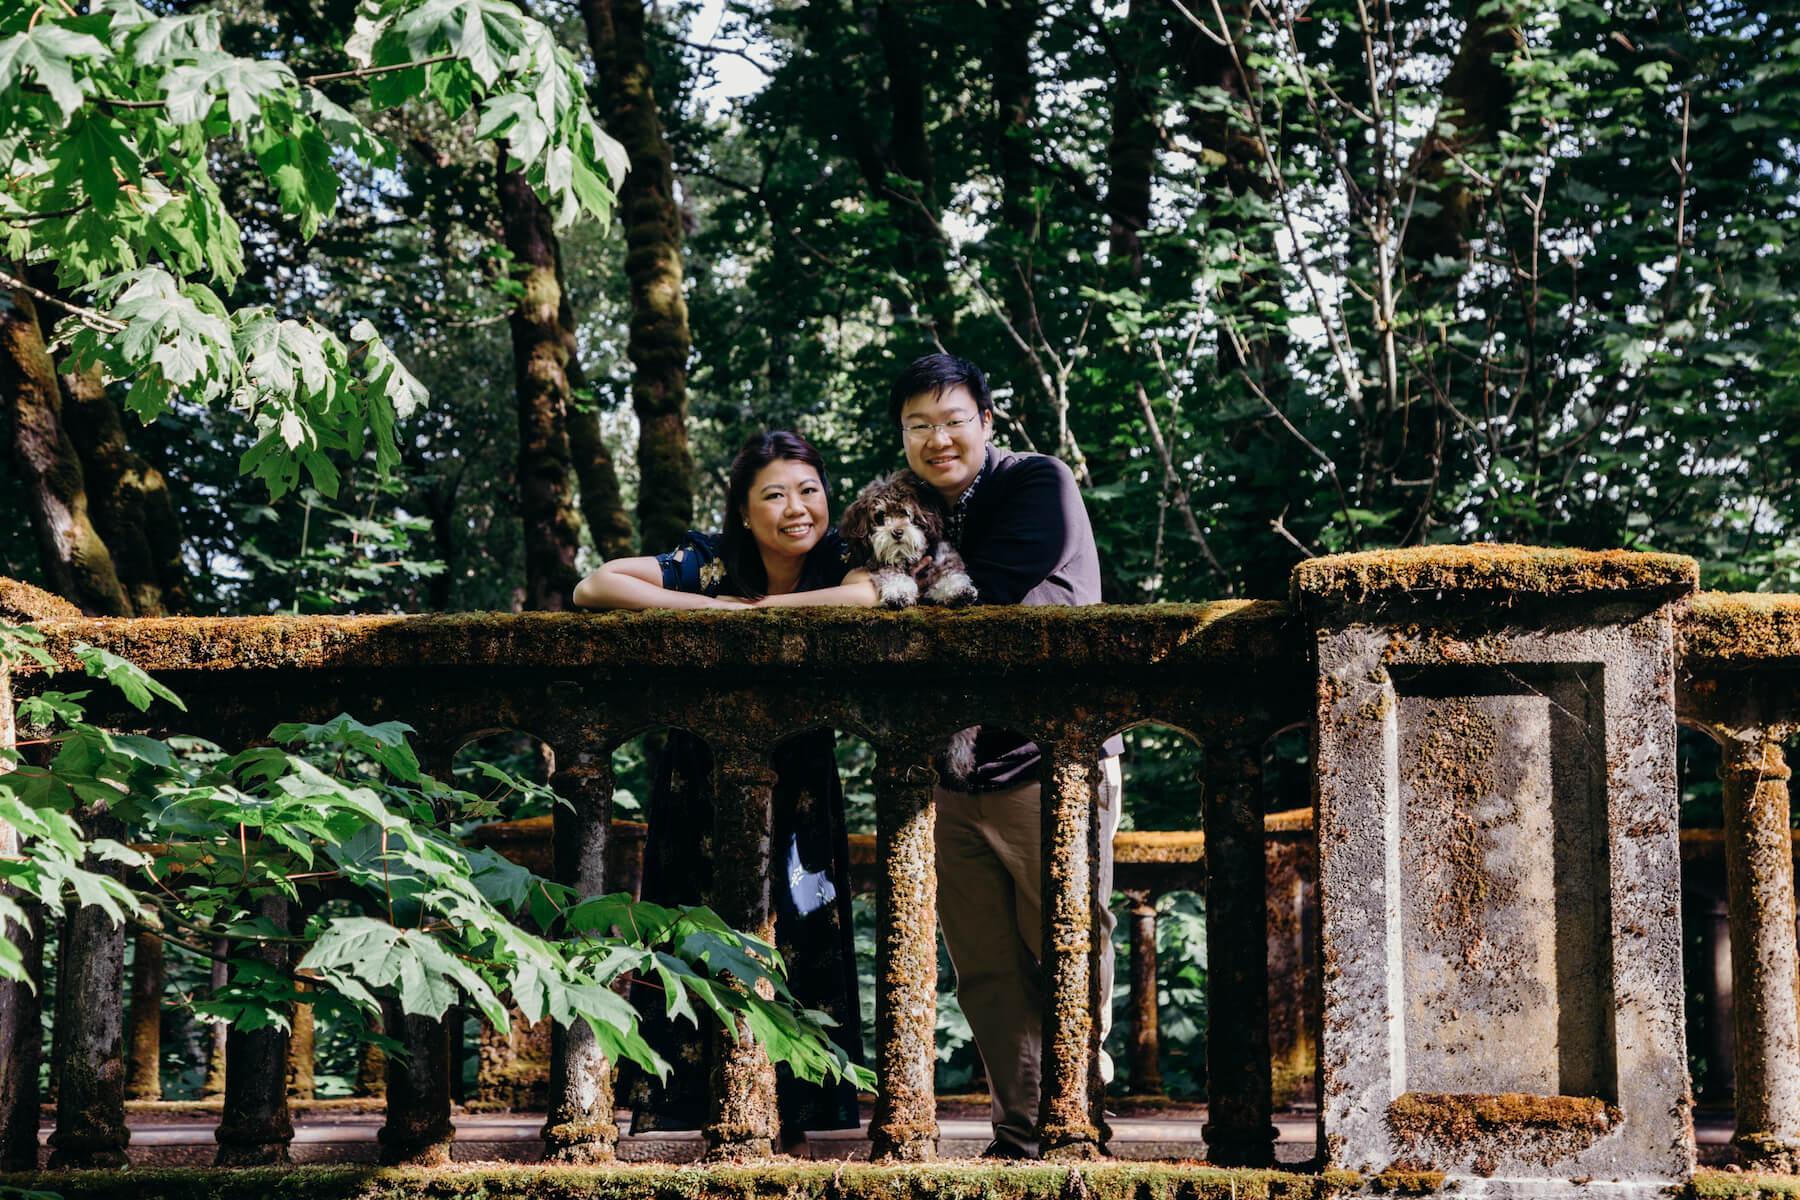 portland-06-28-2019-couples-trip-59_original